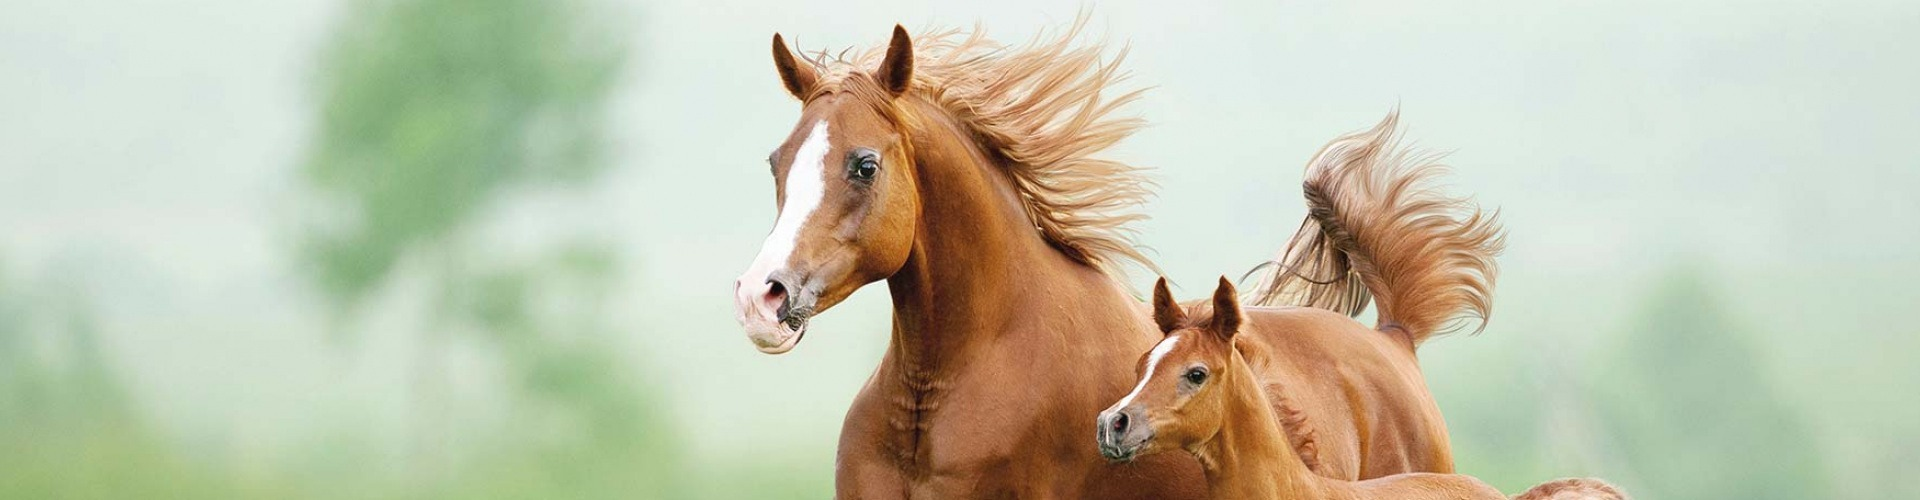 vagy találkozik férfiak genfben keresés házas lovas